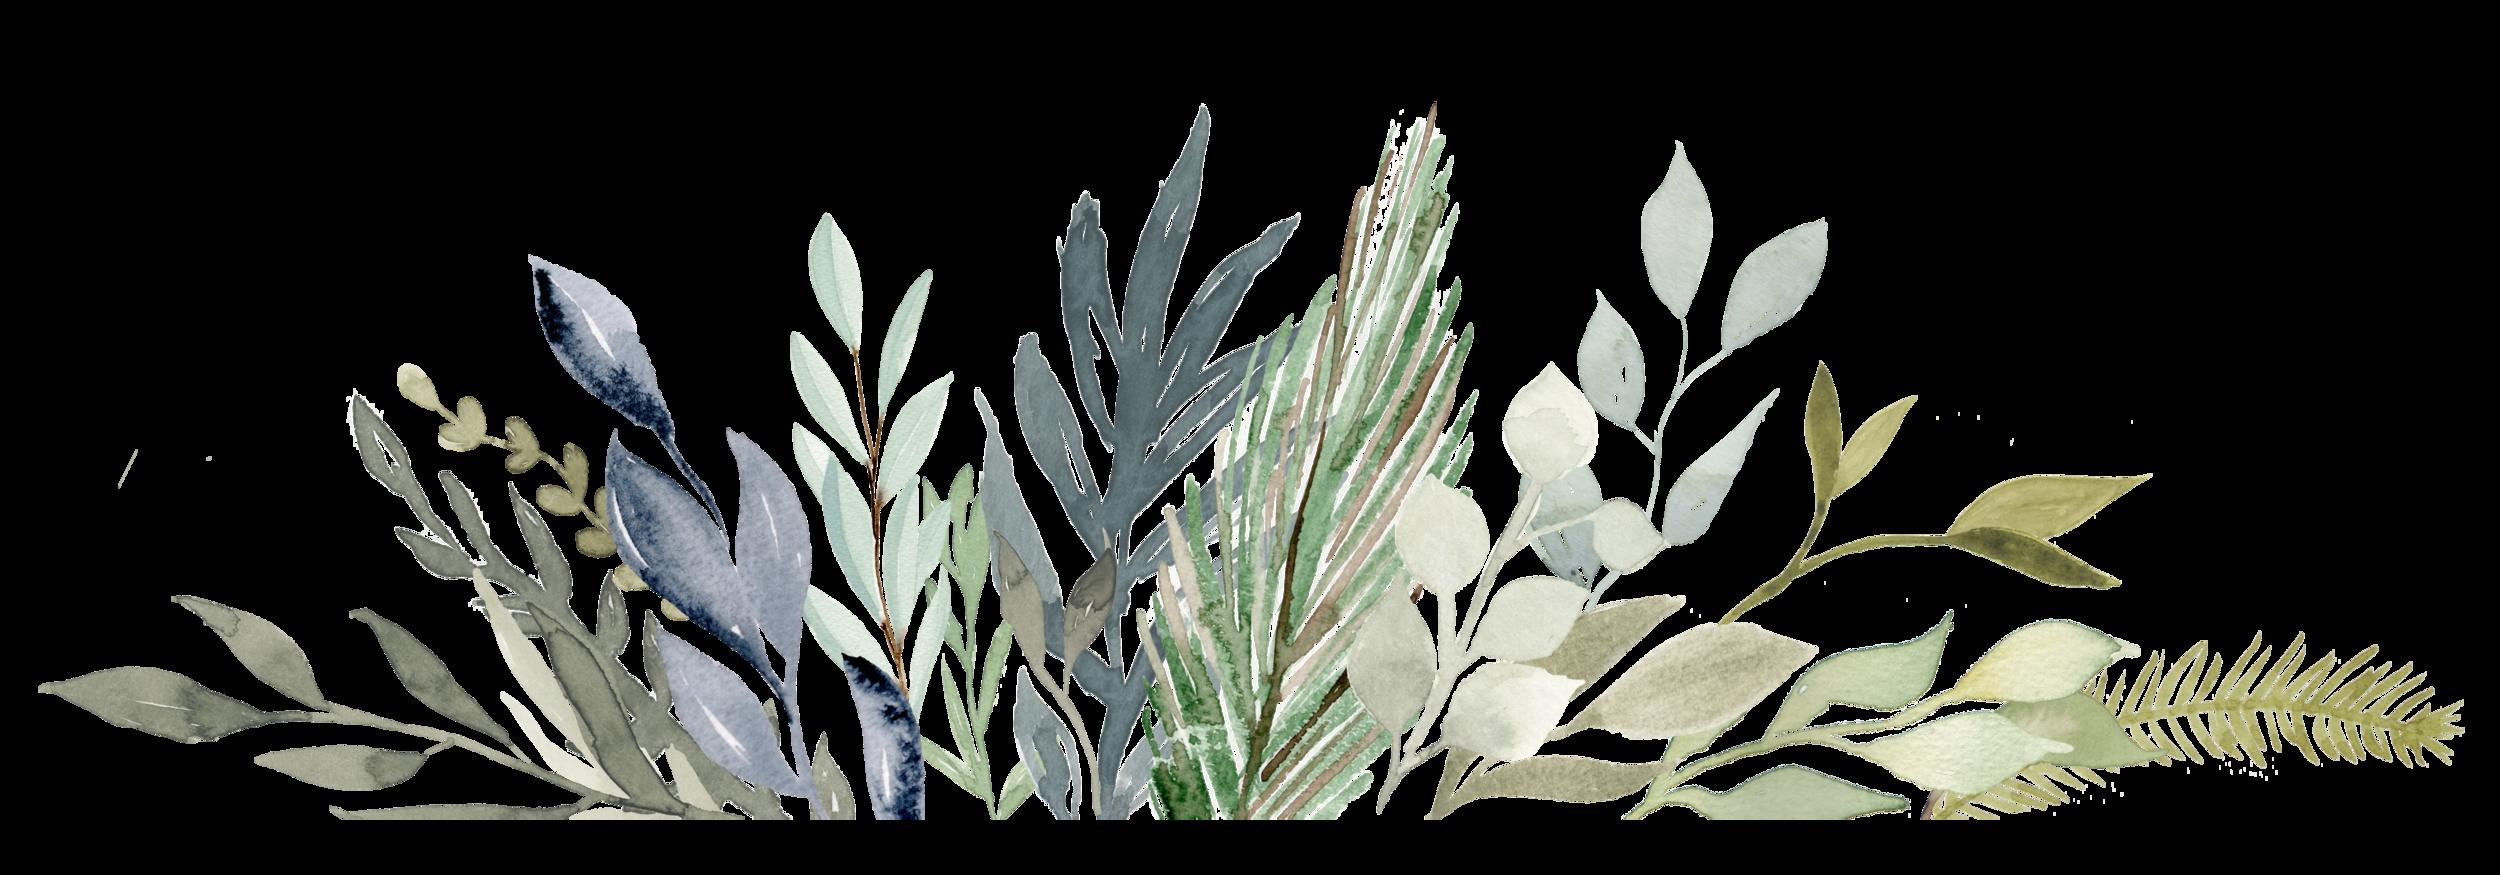 Foliage Arrangement_2.png